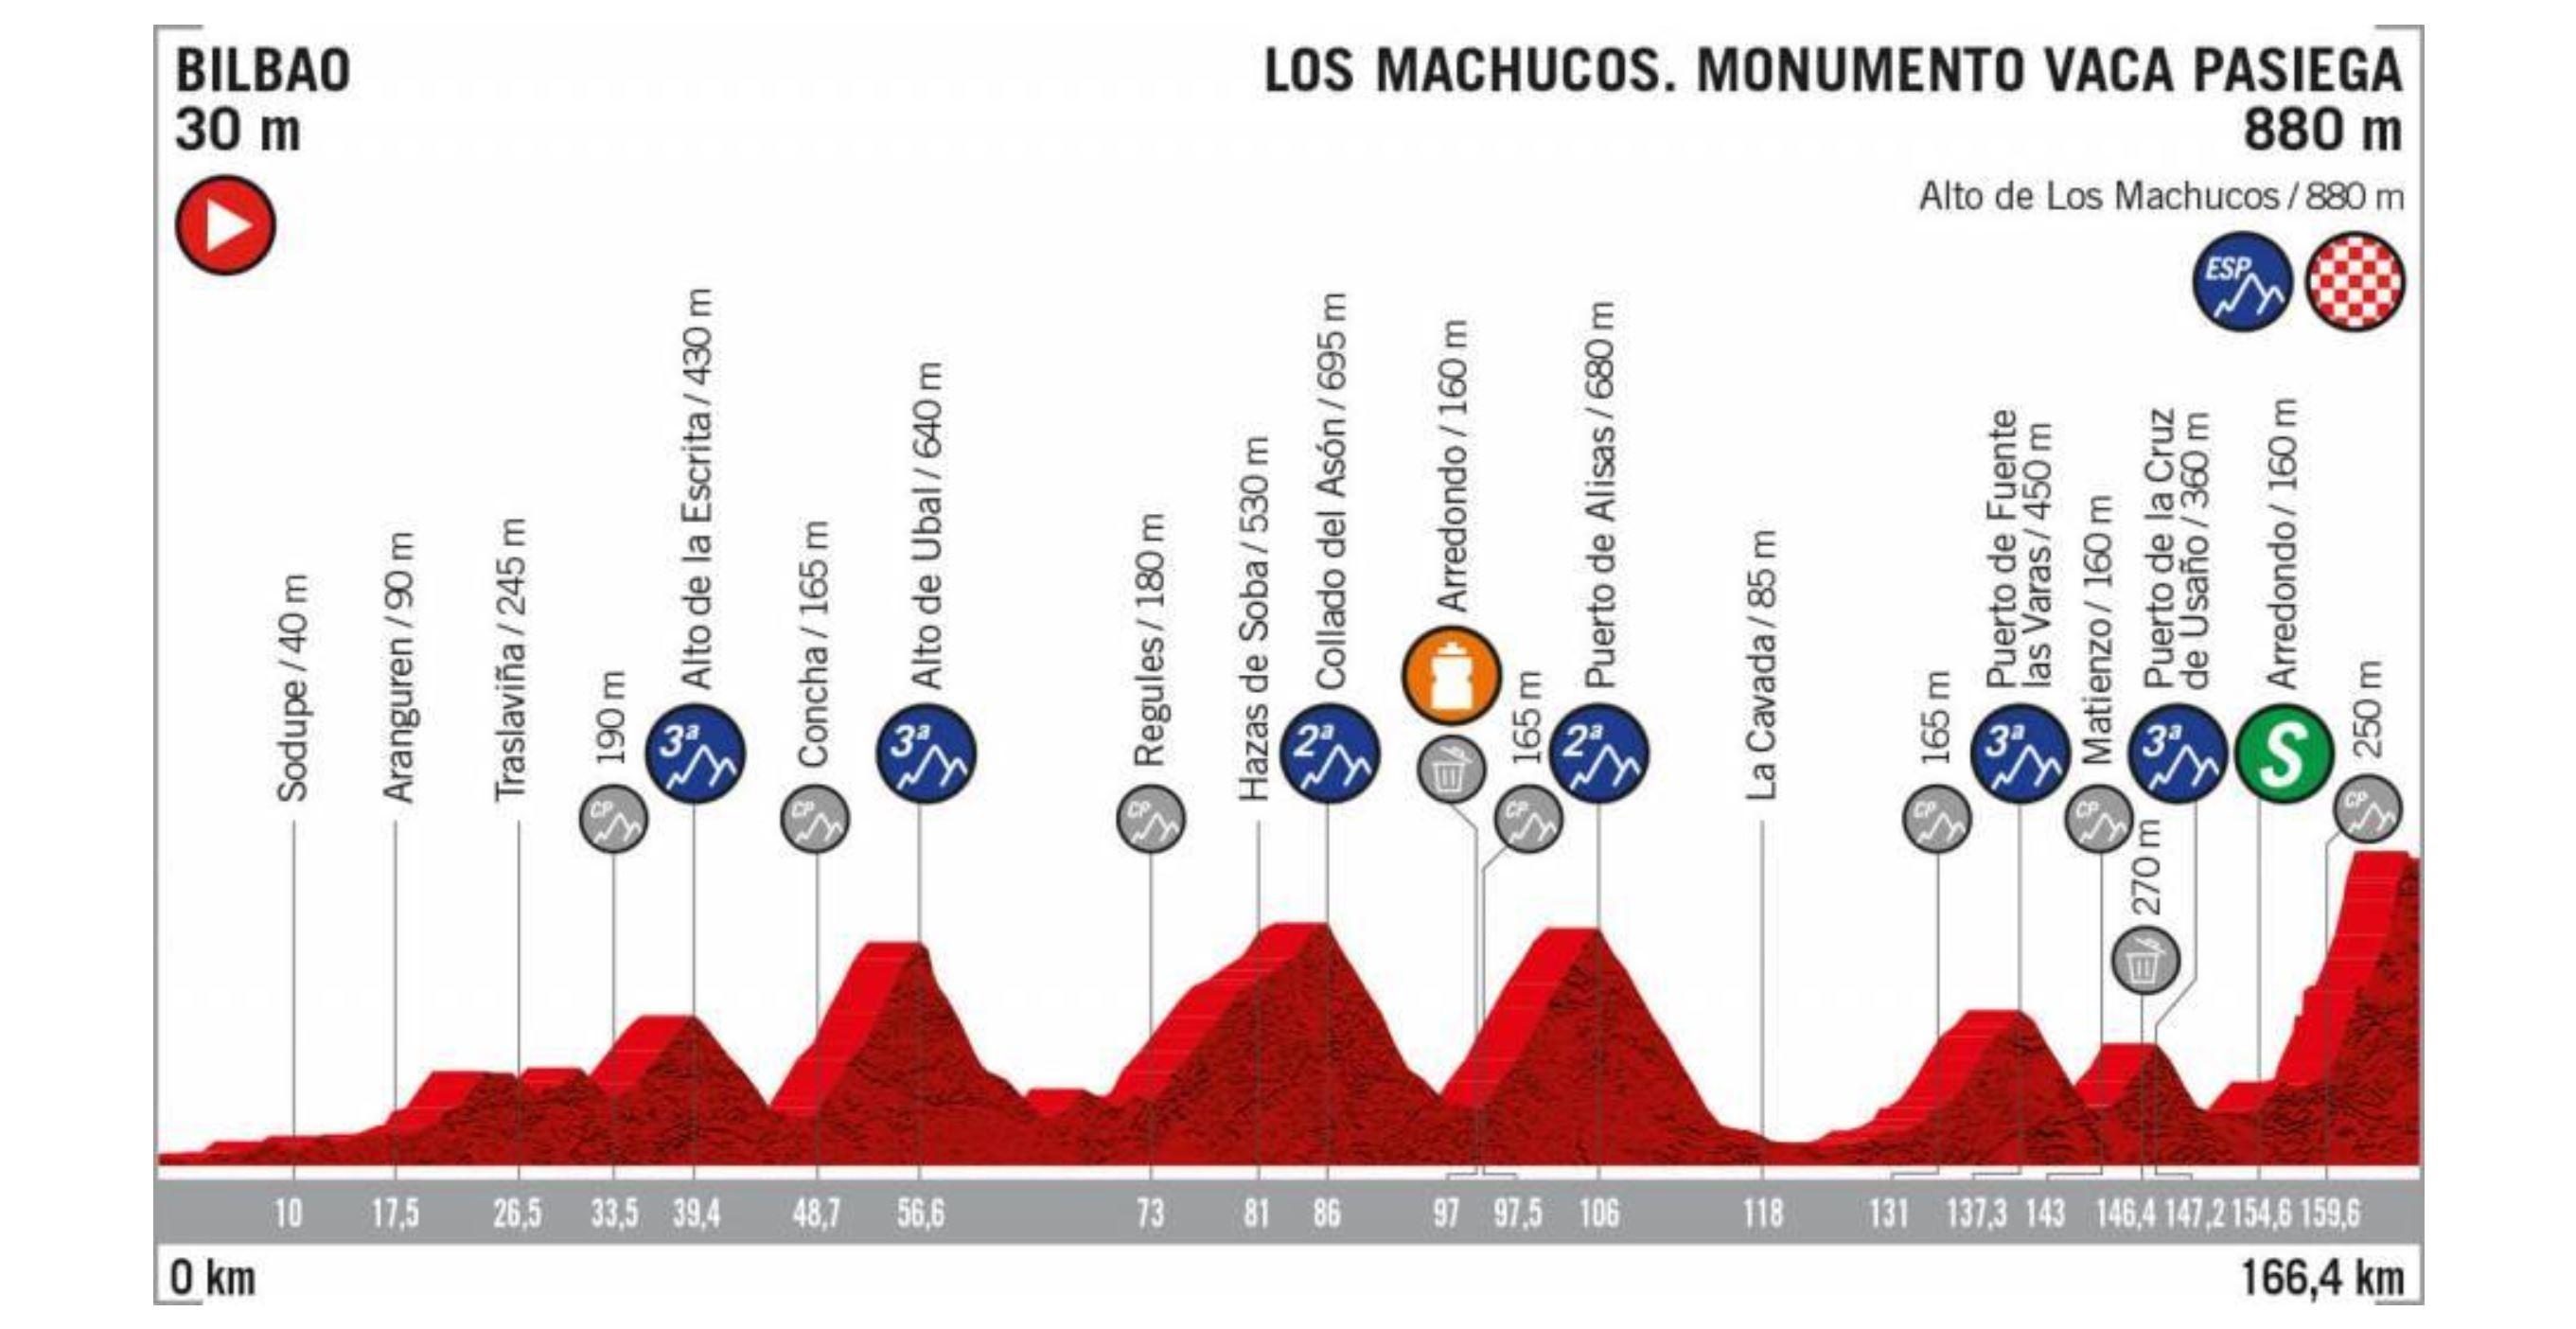 La Vuelta a Espana 2019, stage 13 profile